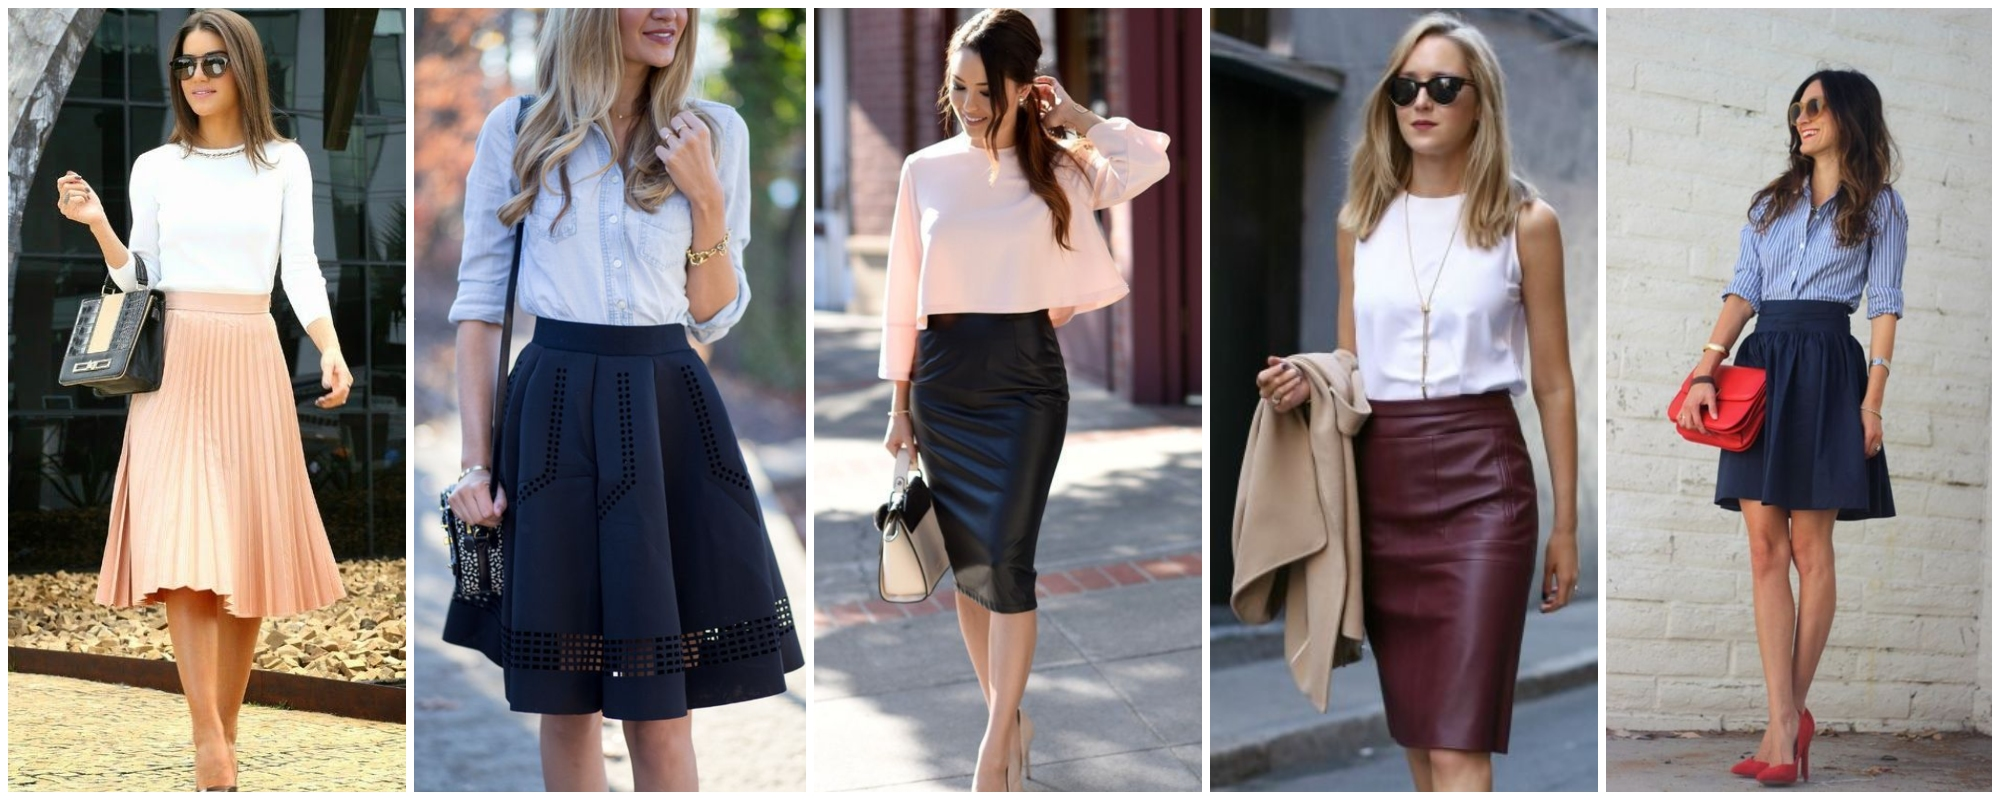 Tipos de saia para cada corpo — Qual o modelo perfeito para você?